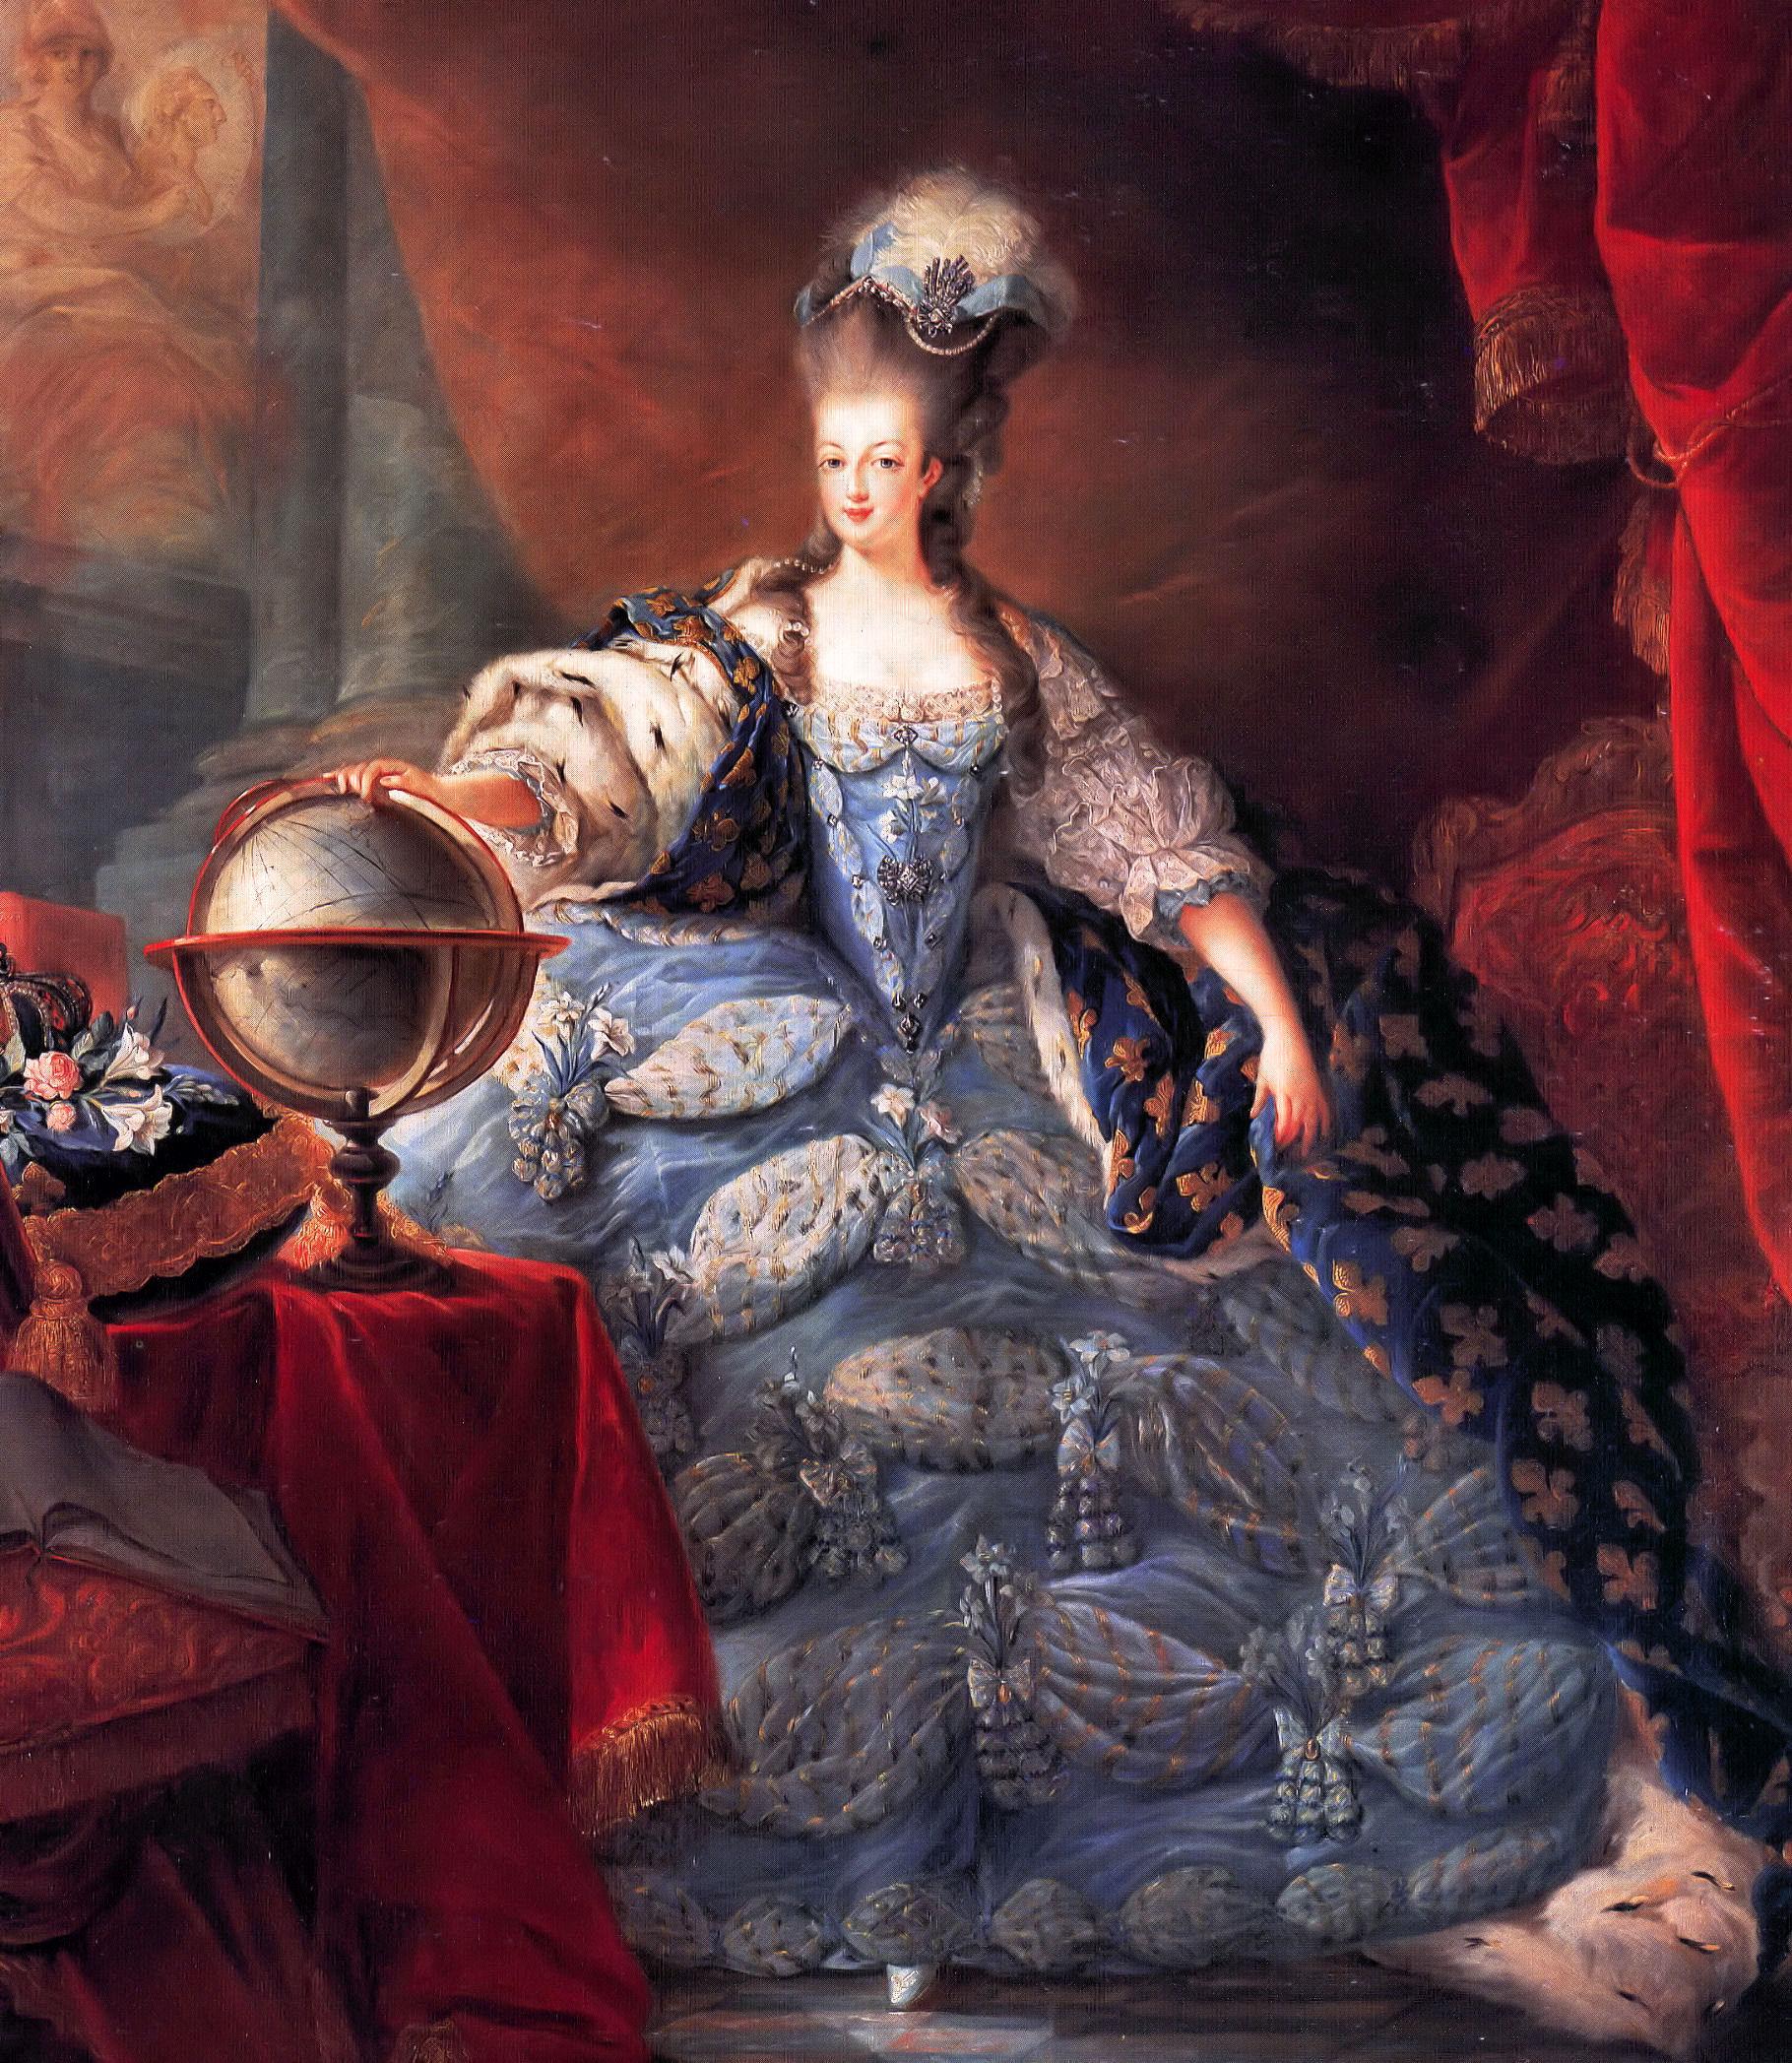 Die junge Königin Marie Antoinette liebte prachtvolle Kleider und wertvollen Schmuck. Portrait von Jean-Baptiste Gautier-Dagoty (1775)